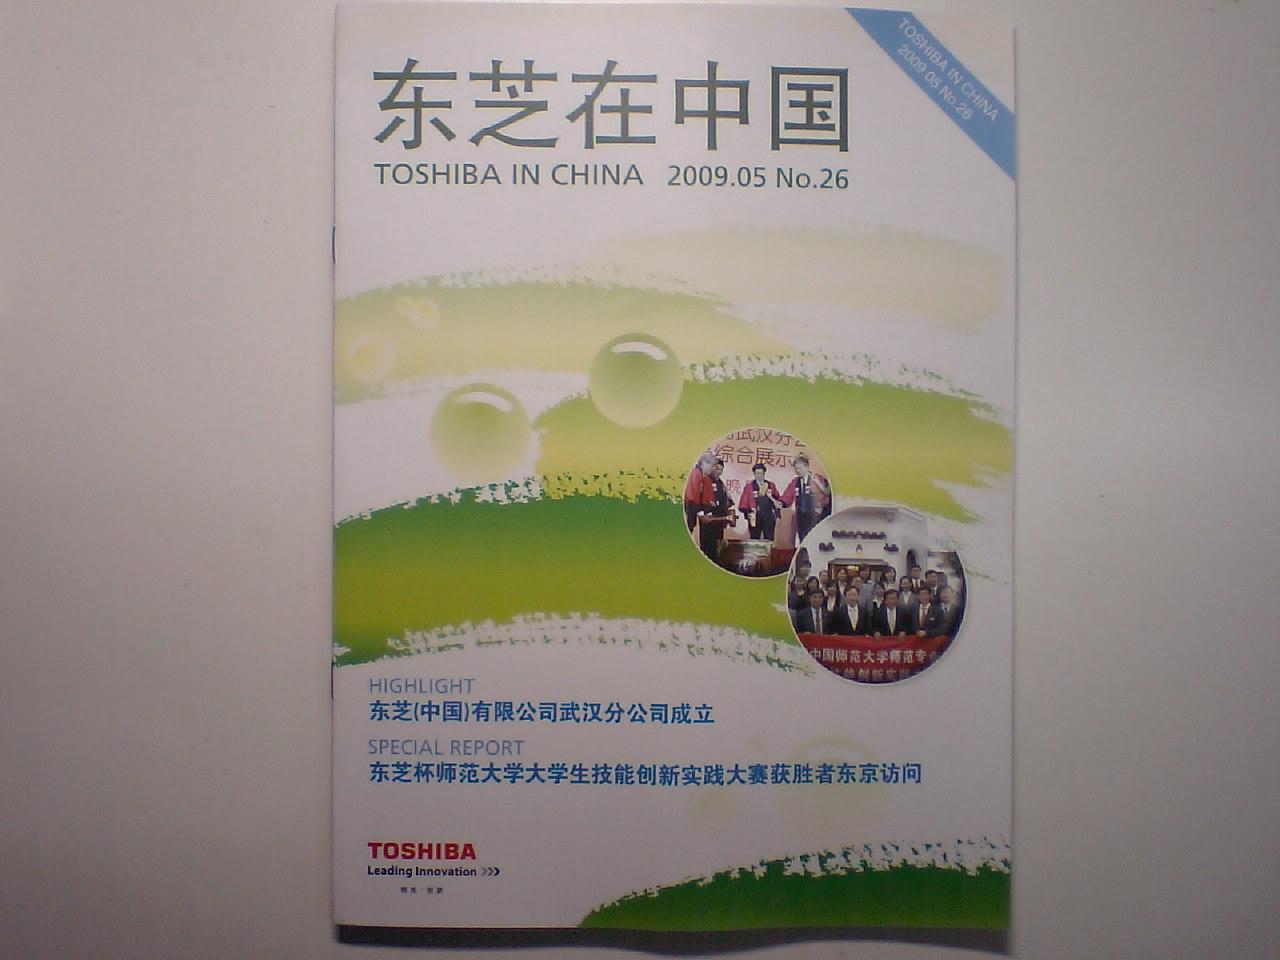 東芝在中国 社会貢献特集 発行_d0027795_18184263.jpg